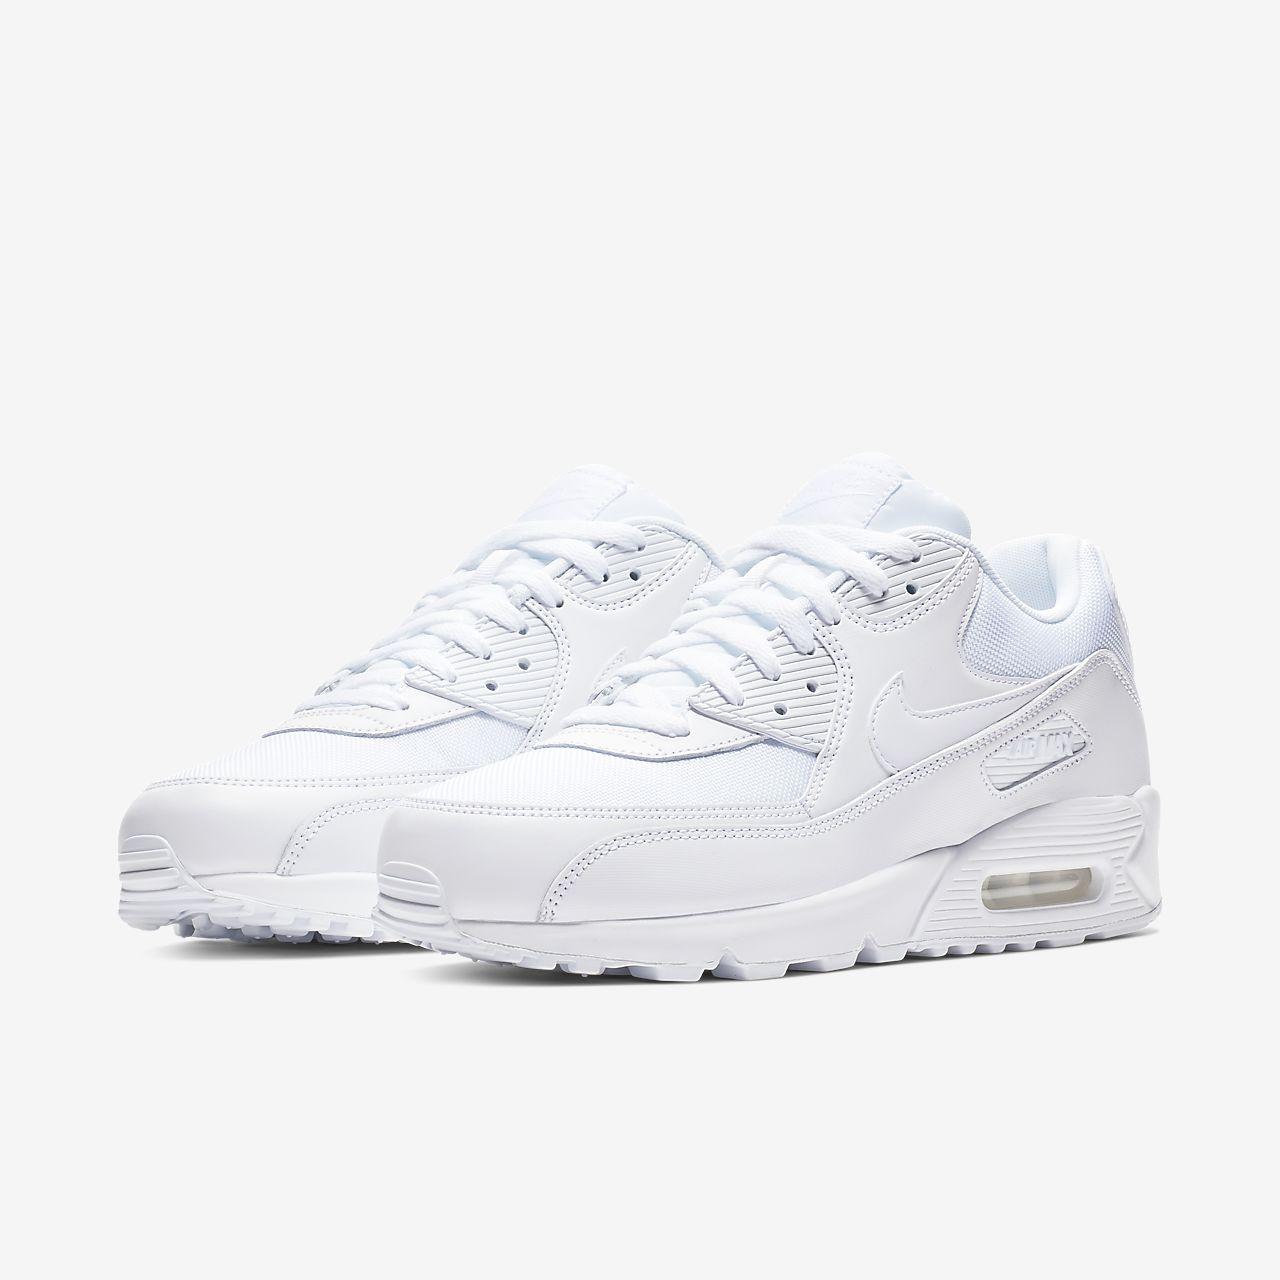 scarpe nike 2018 air max